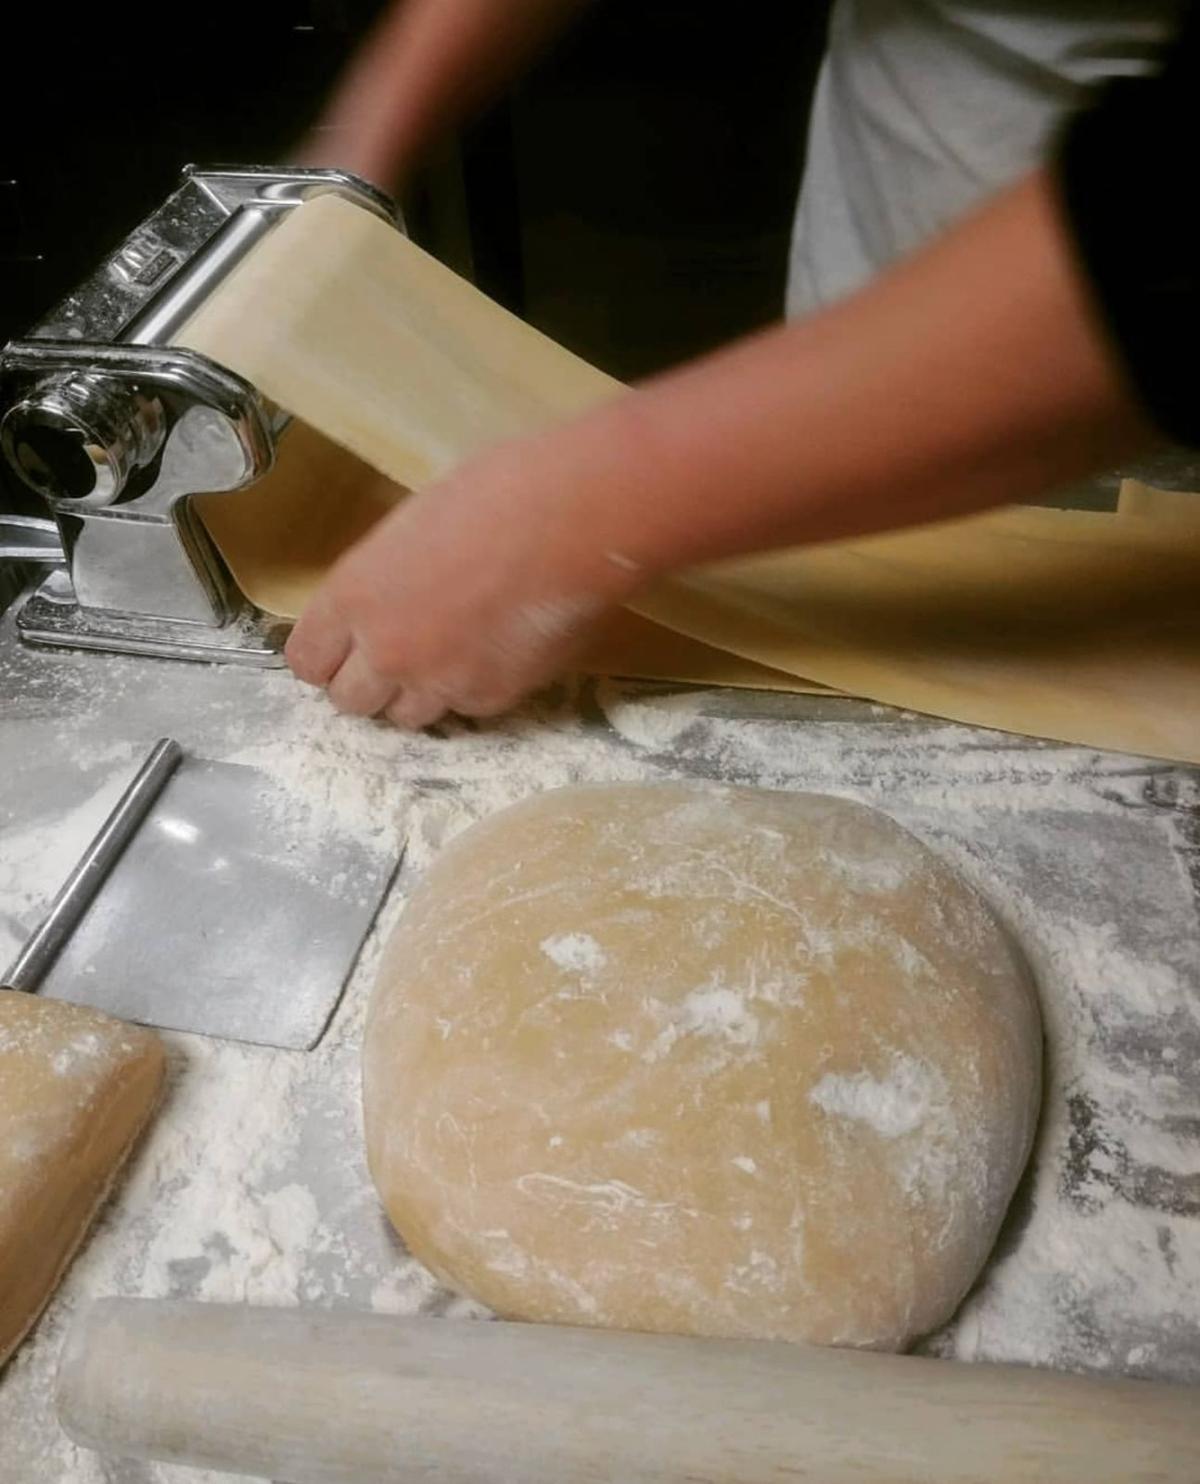 La Fata preparing ravioli